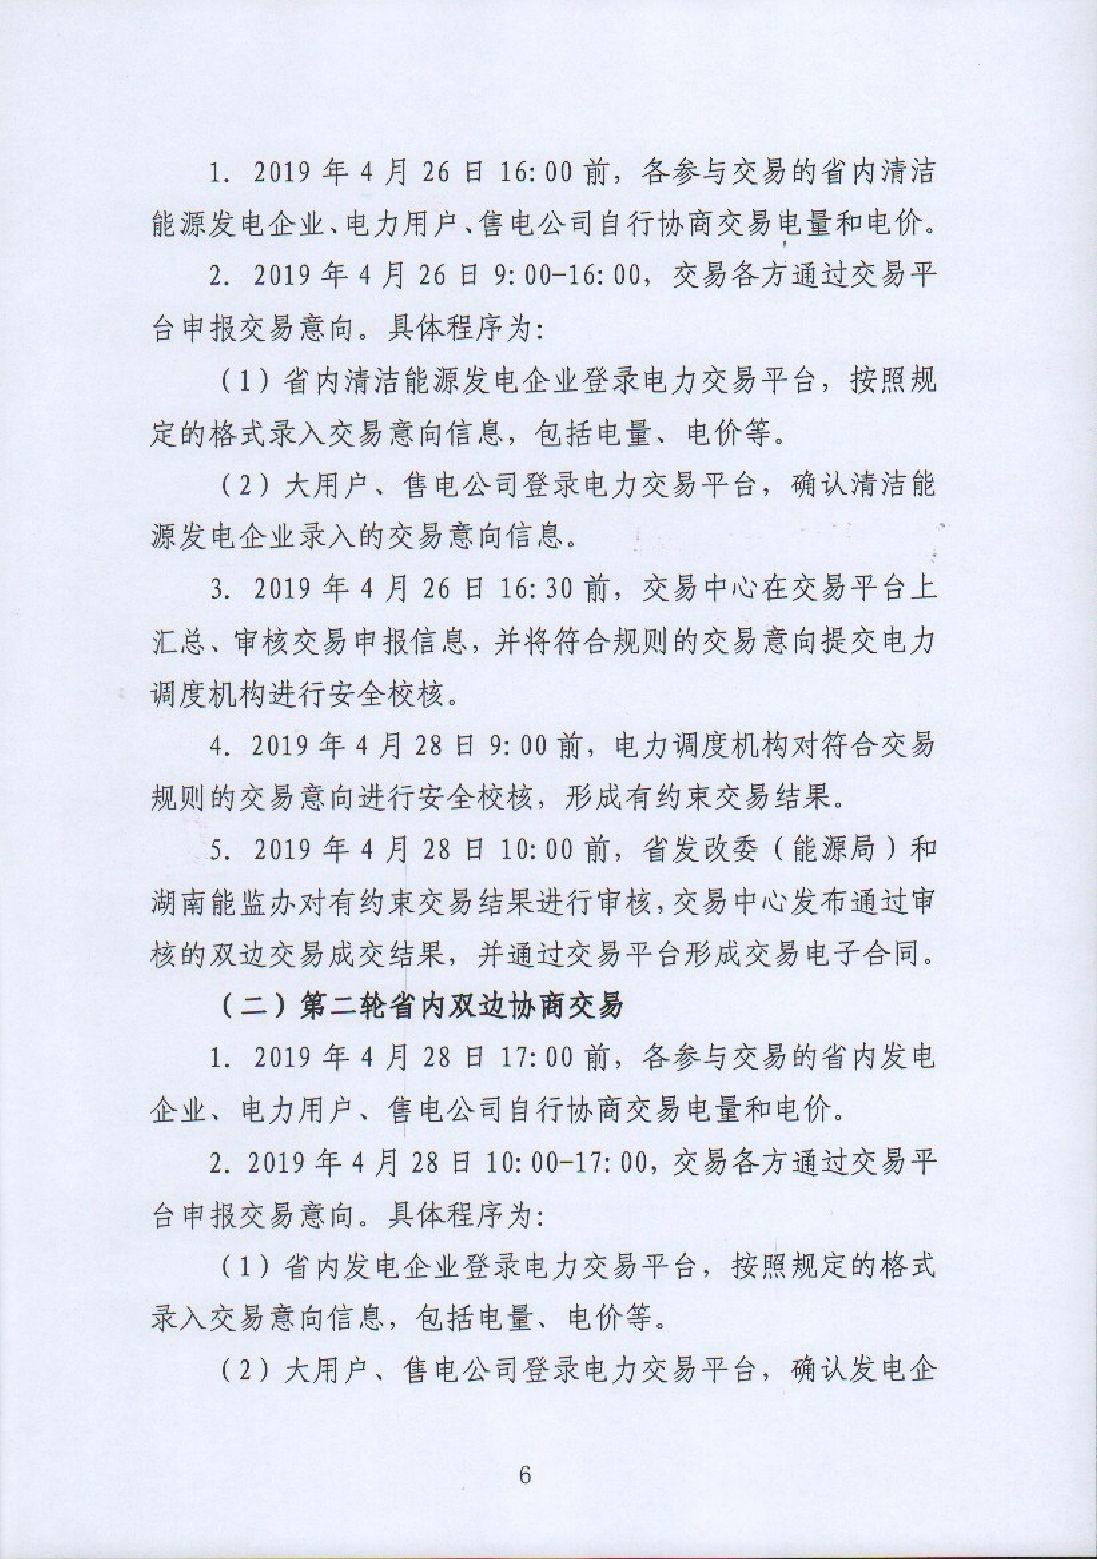 2019年第6號交易公告(5月月度交易).pdf_page_06_compressed.jpg